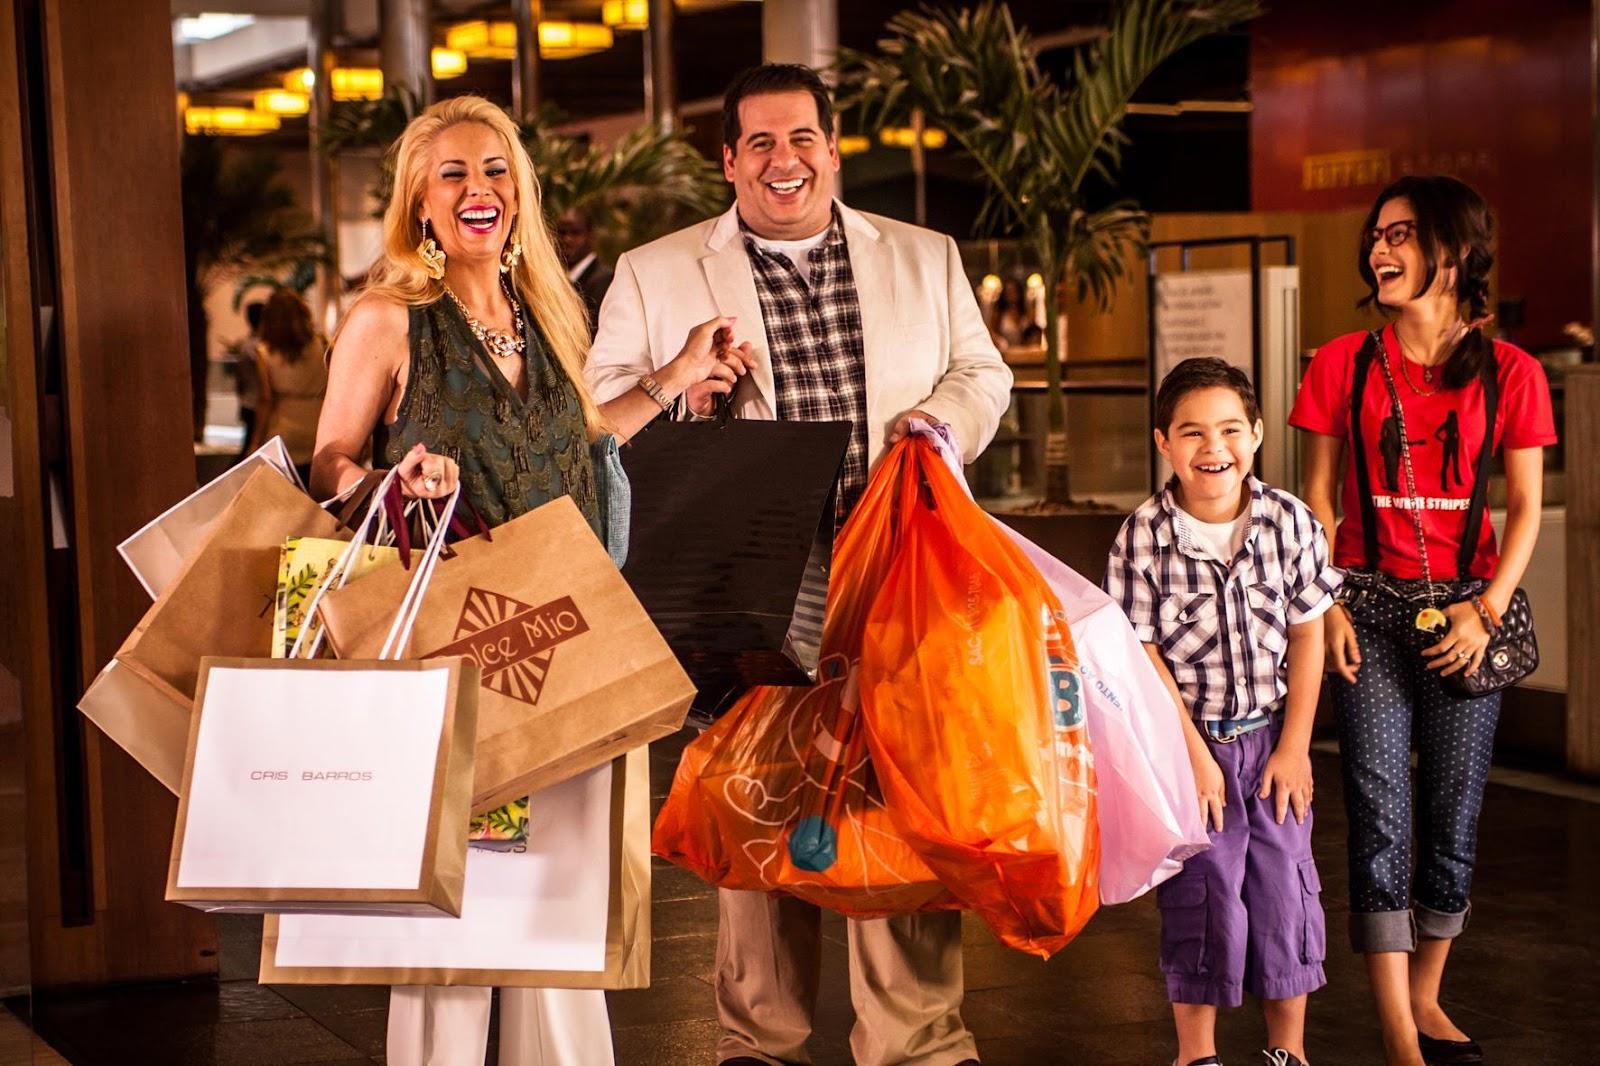 Família formada por pai, mãe e filhos saindo de shopping sorridentes e cheios de sacolas em mãos